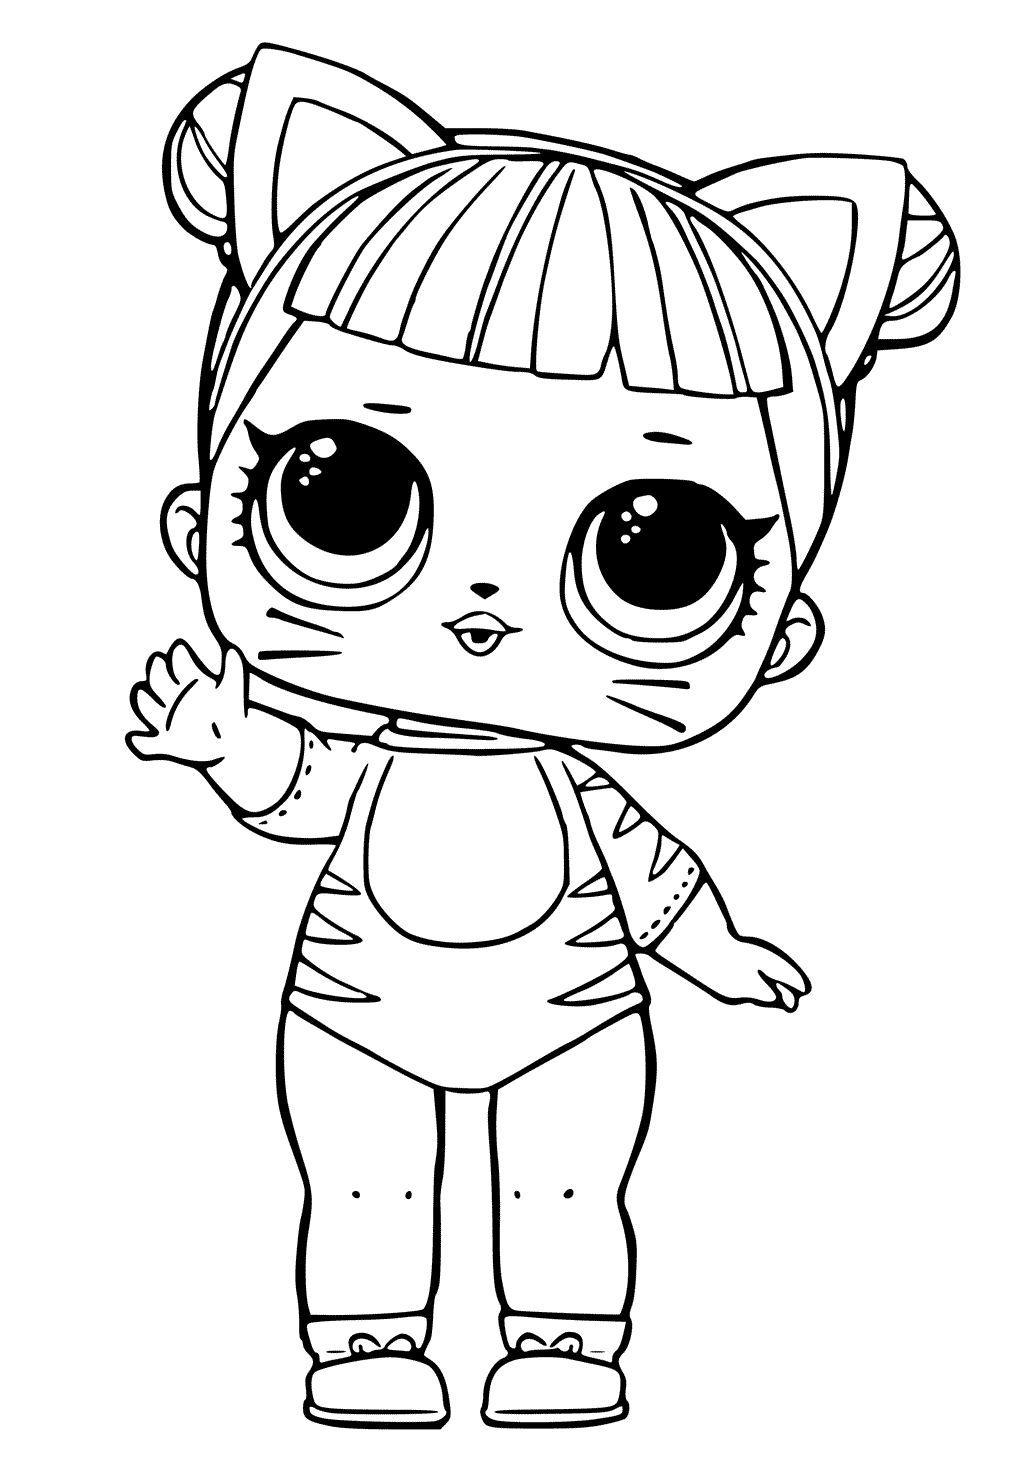 Lol Doll Coloring Pages Pdf I 2020 Maleboger Lol Dukker Tegninger